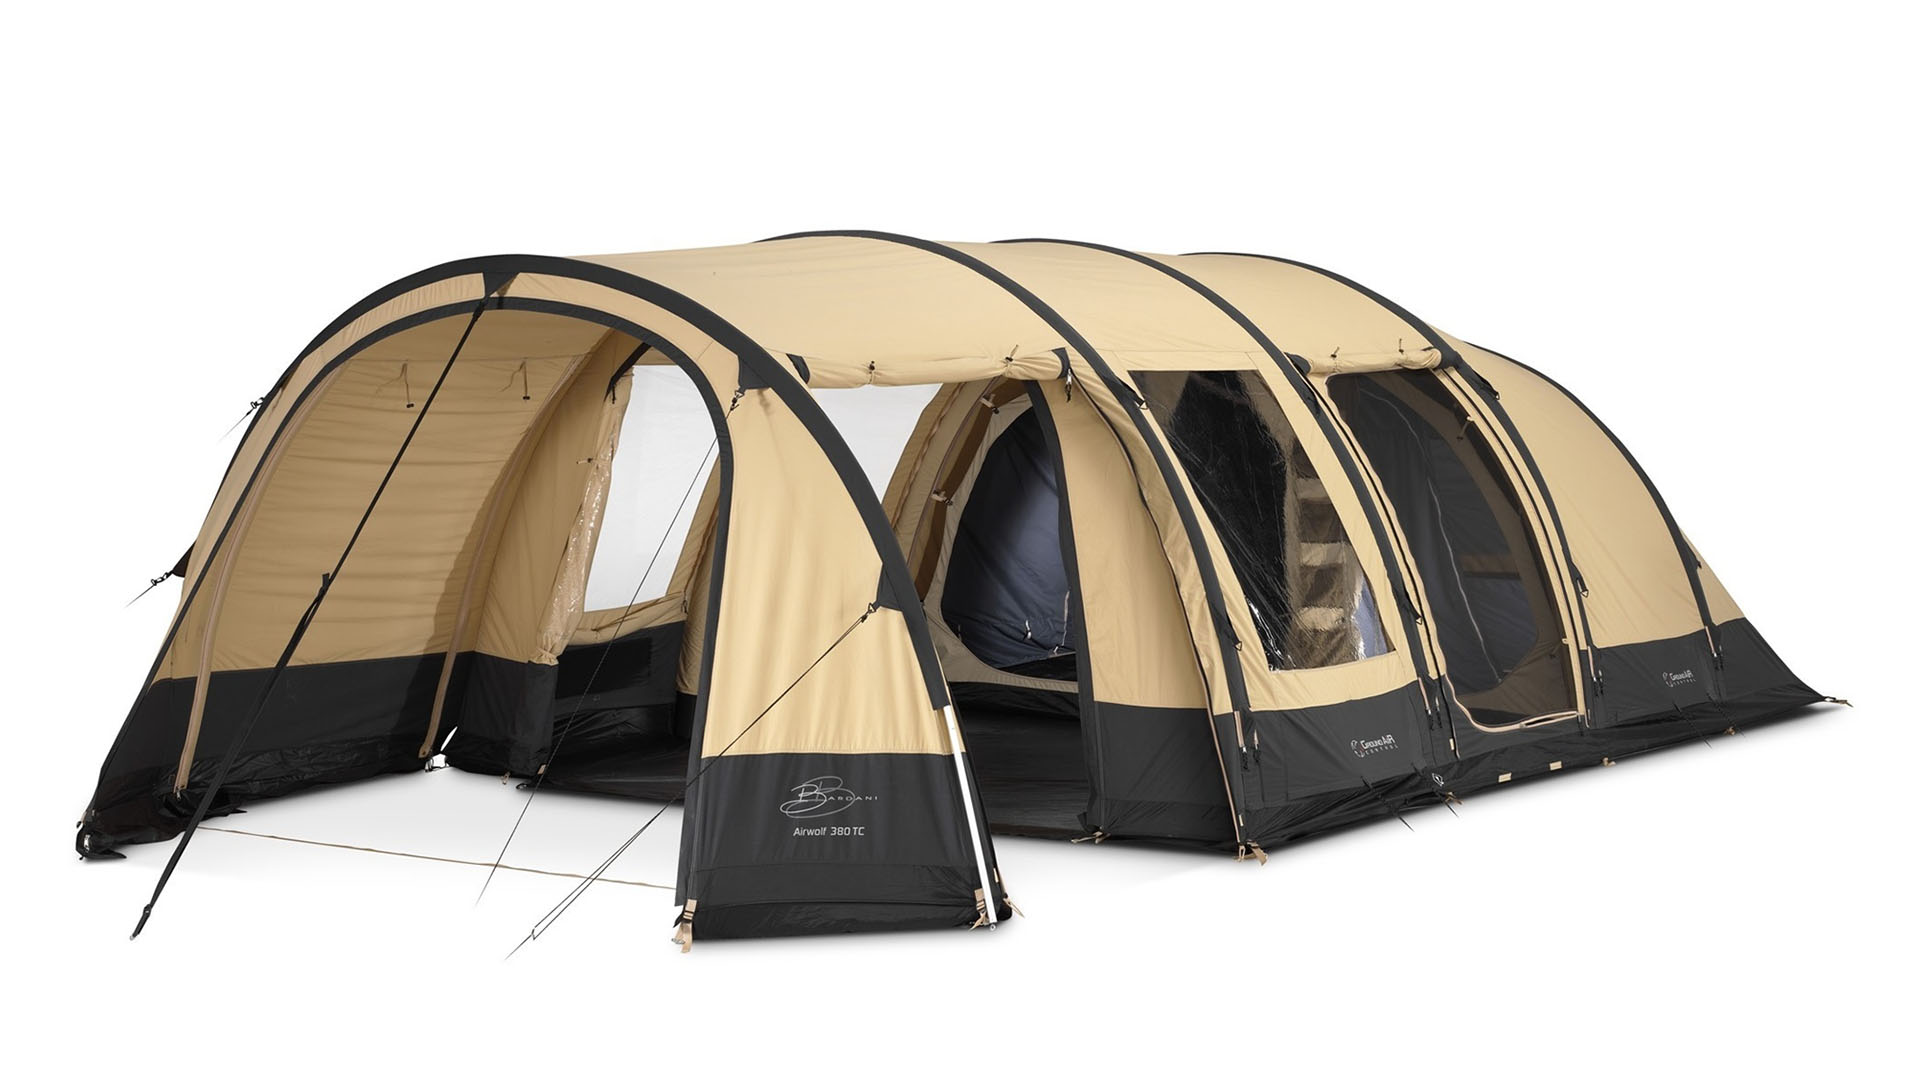 Verwonderend De Airwolf 3000 TC tent van Bardani is een praktische tent voor 4 IR-96